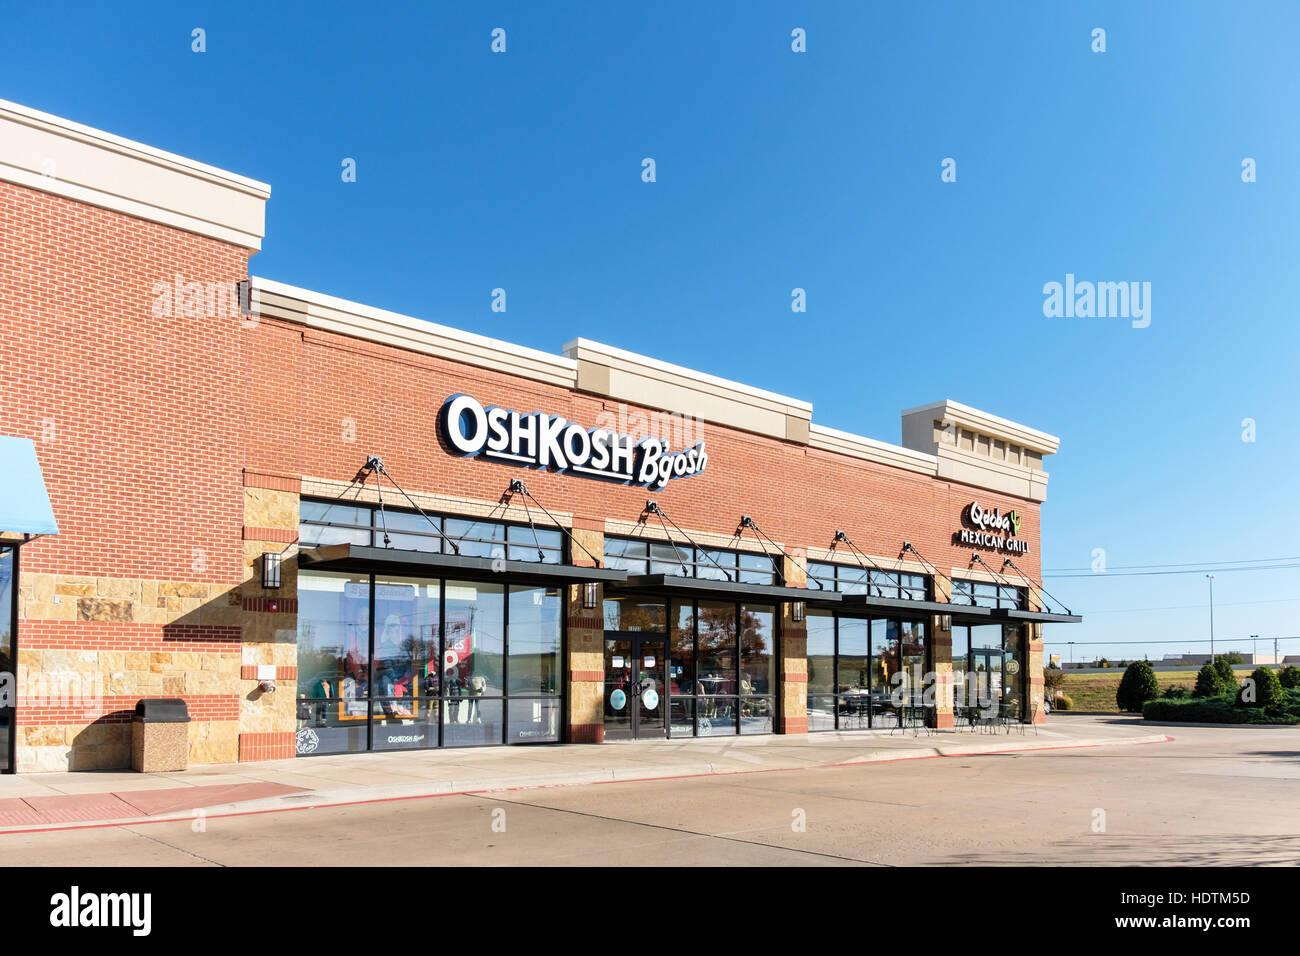 El exterior de un OshKosh B'gosh ropa infantil tienda ubicada Memorial Rd., Oklahoma City, Oklahoma, Estados Imagen De Stock